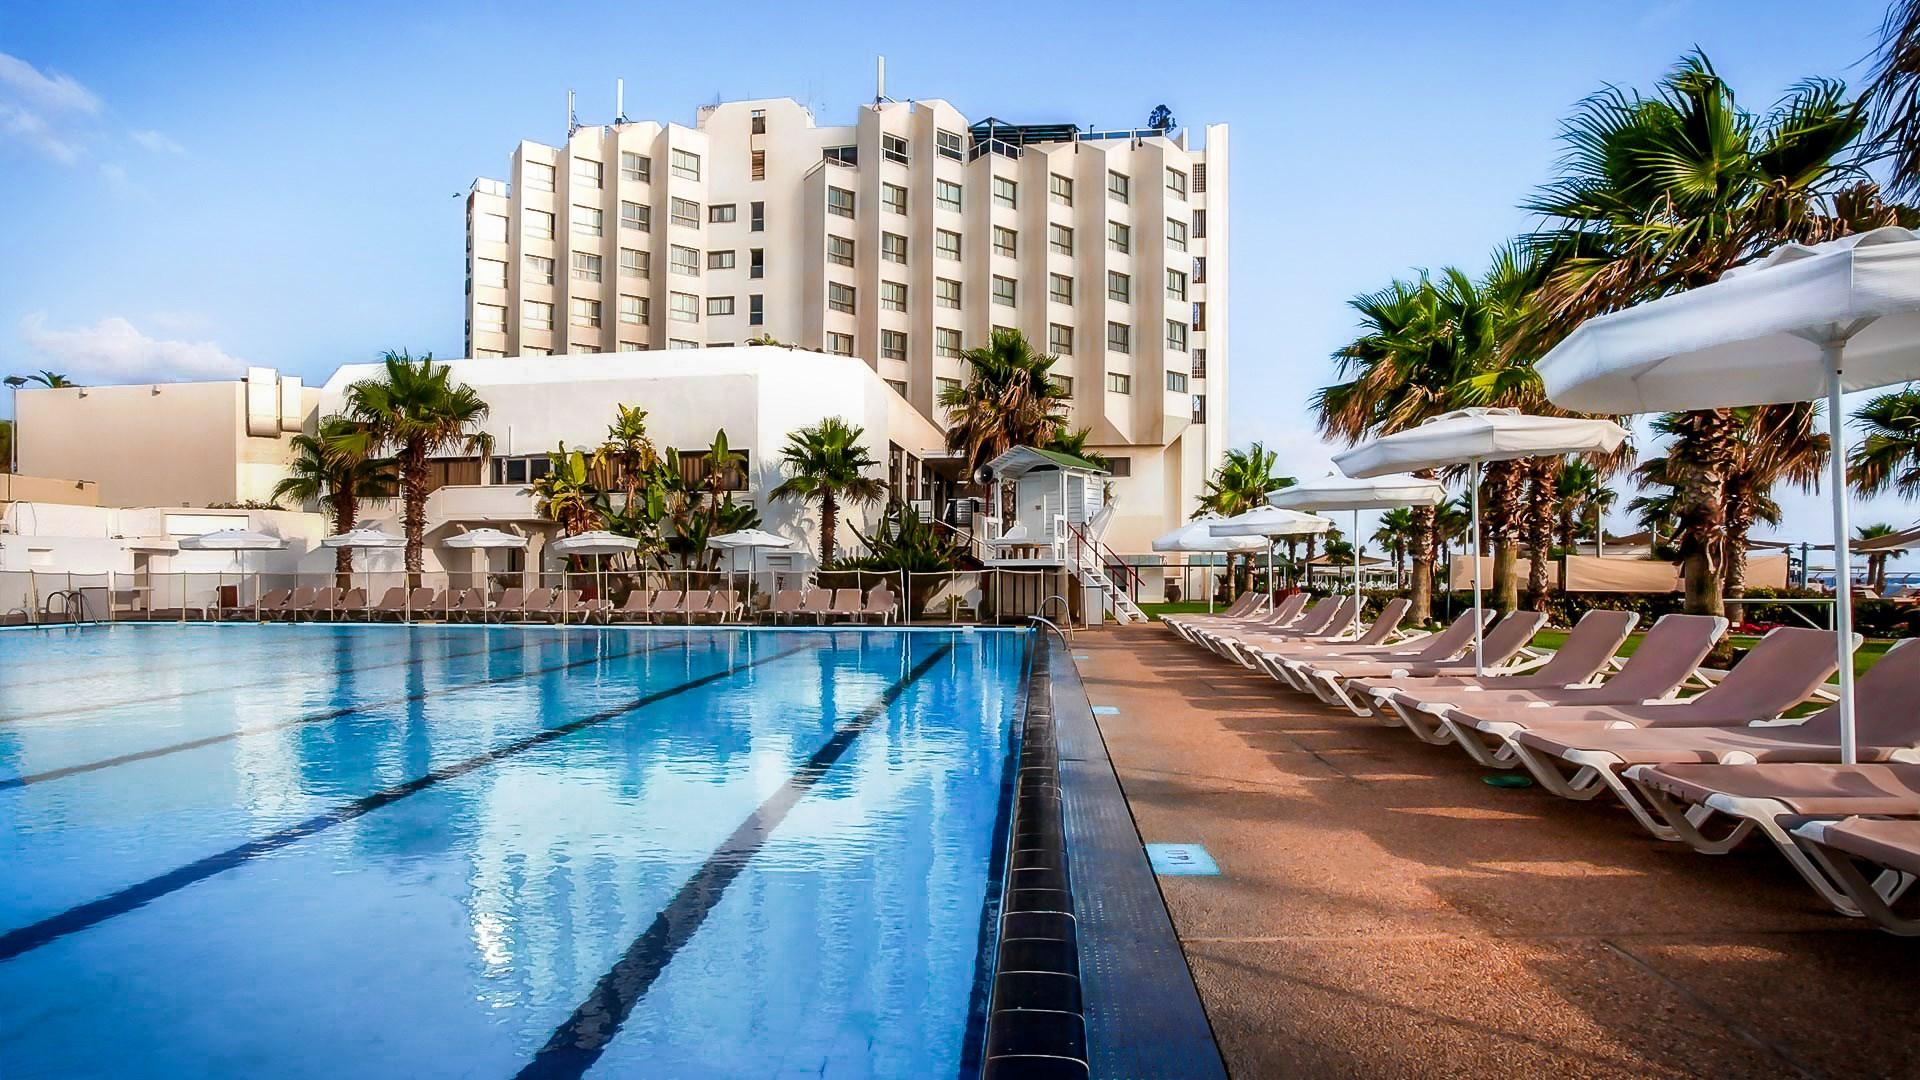 מלון חוף התמרים עכו - מלון בעכו על הים